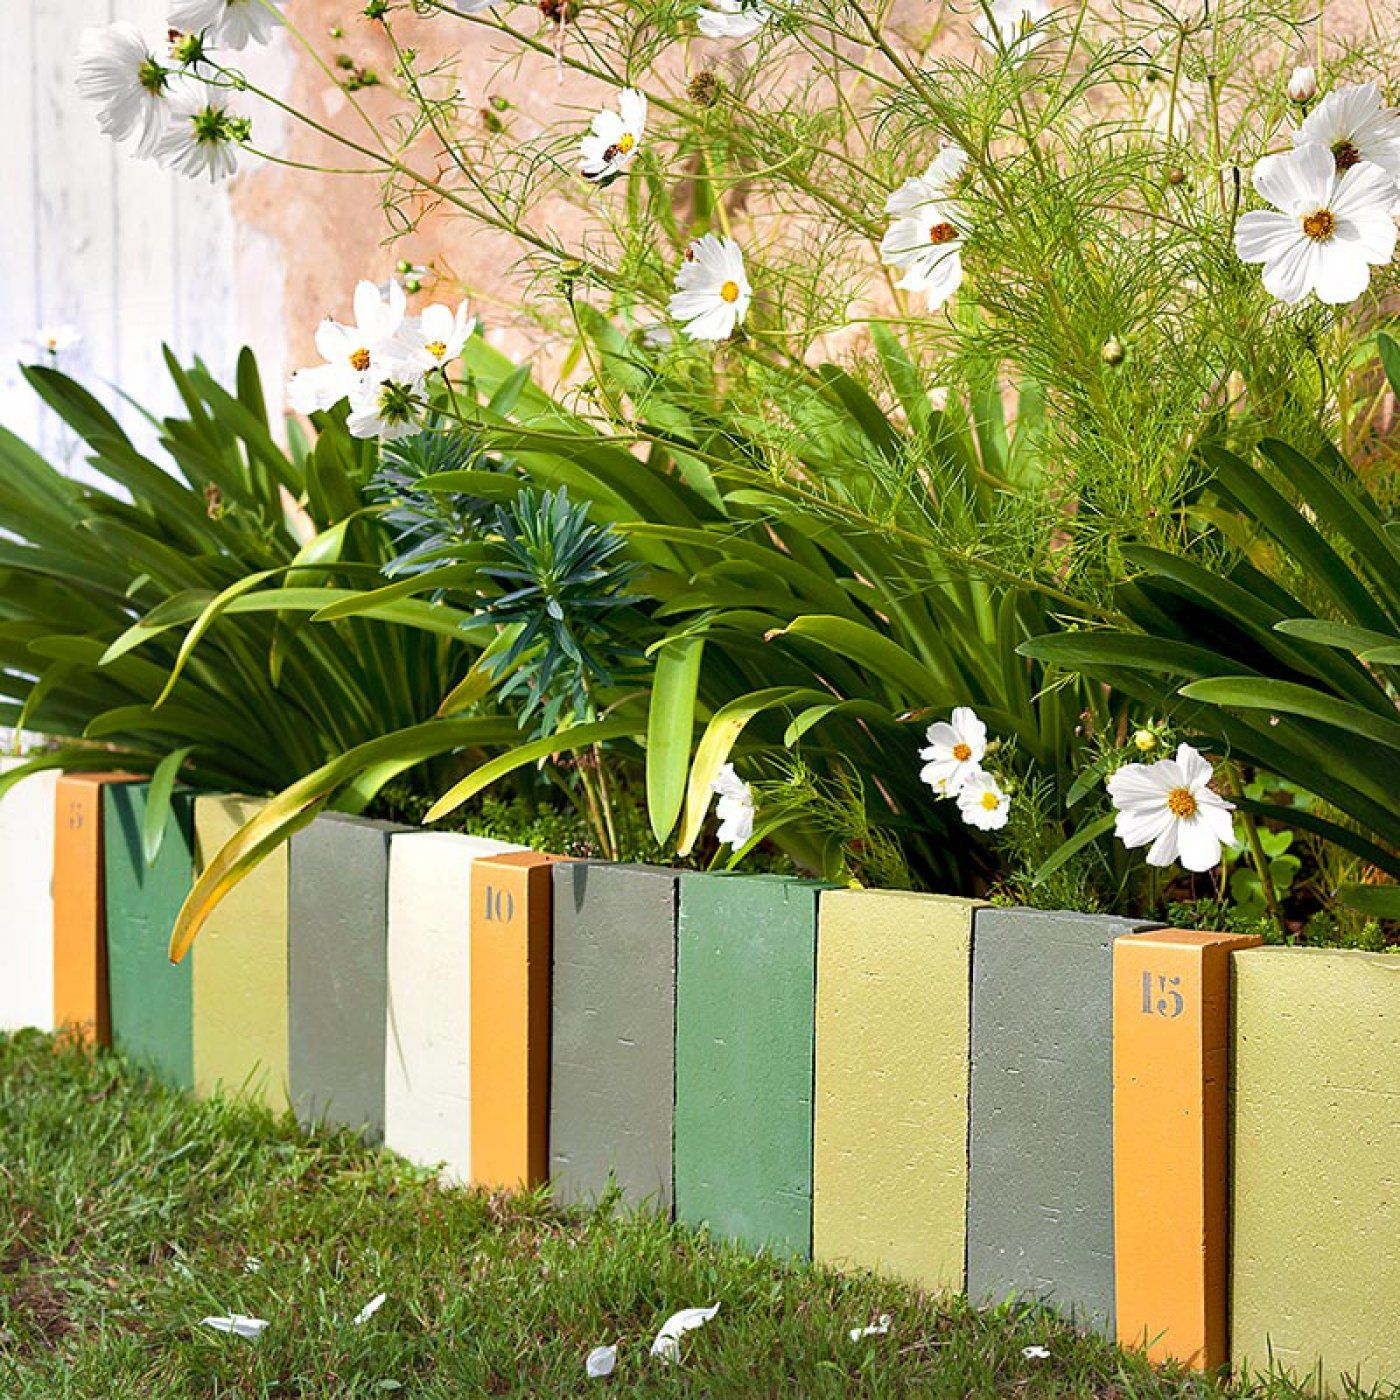 Des Bordures De Briques Color Es Dans Le Jardin Bordure De  # Bordure De Jardin Potager